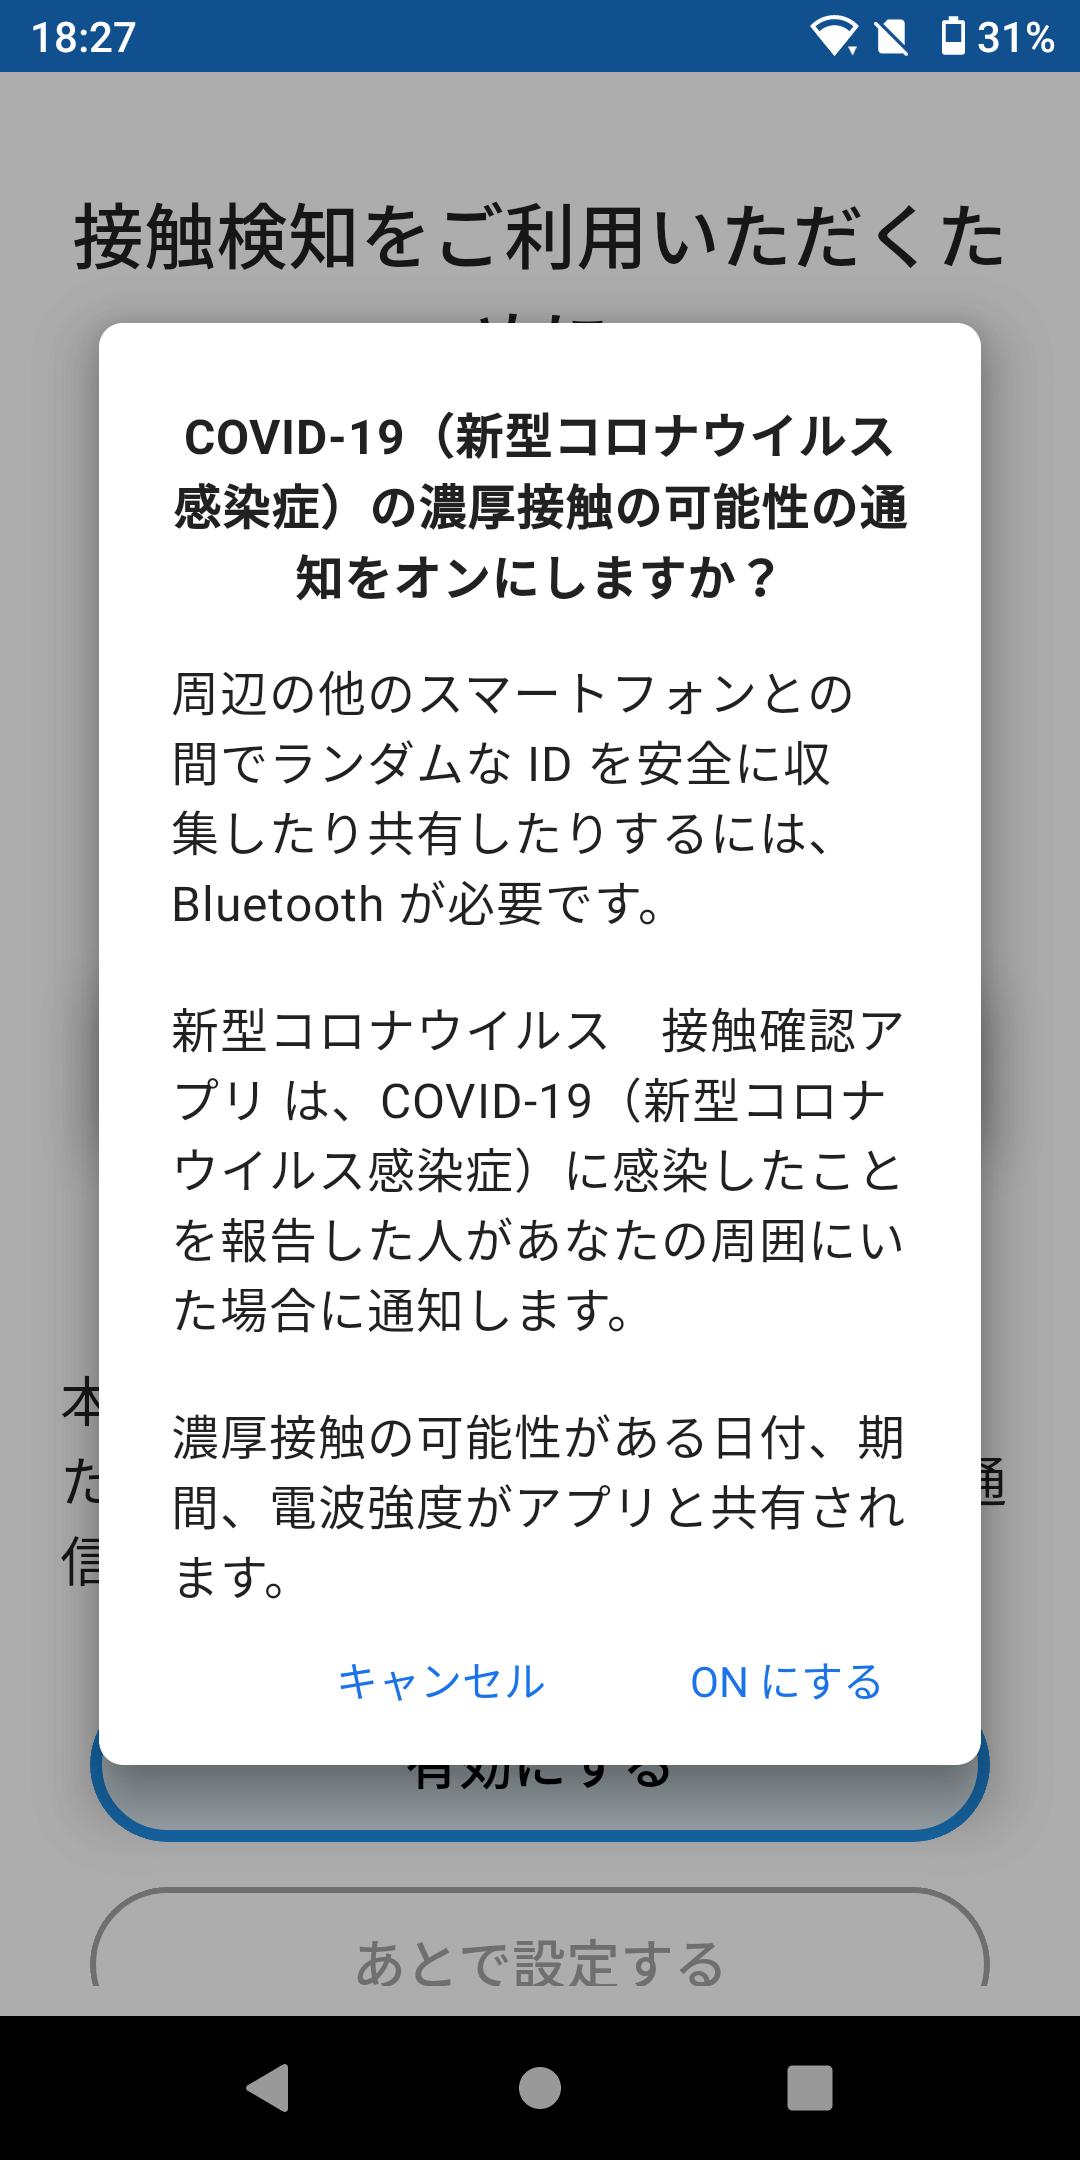 f:id:Azusa_Hirano:20200827182855p:plain